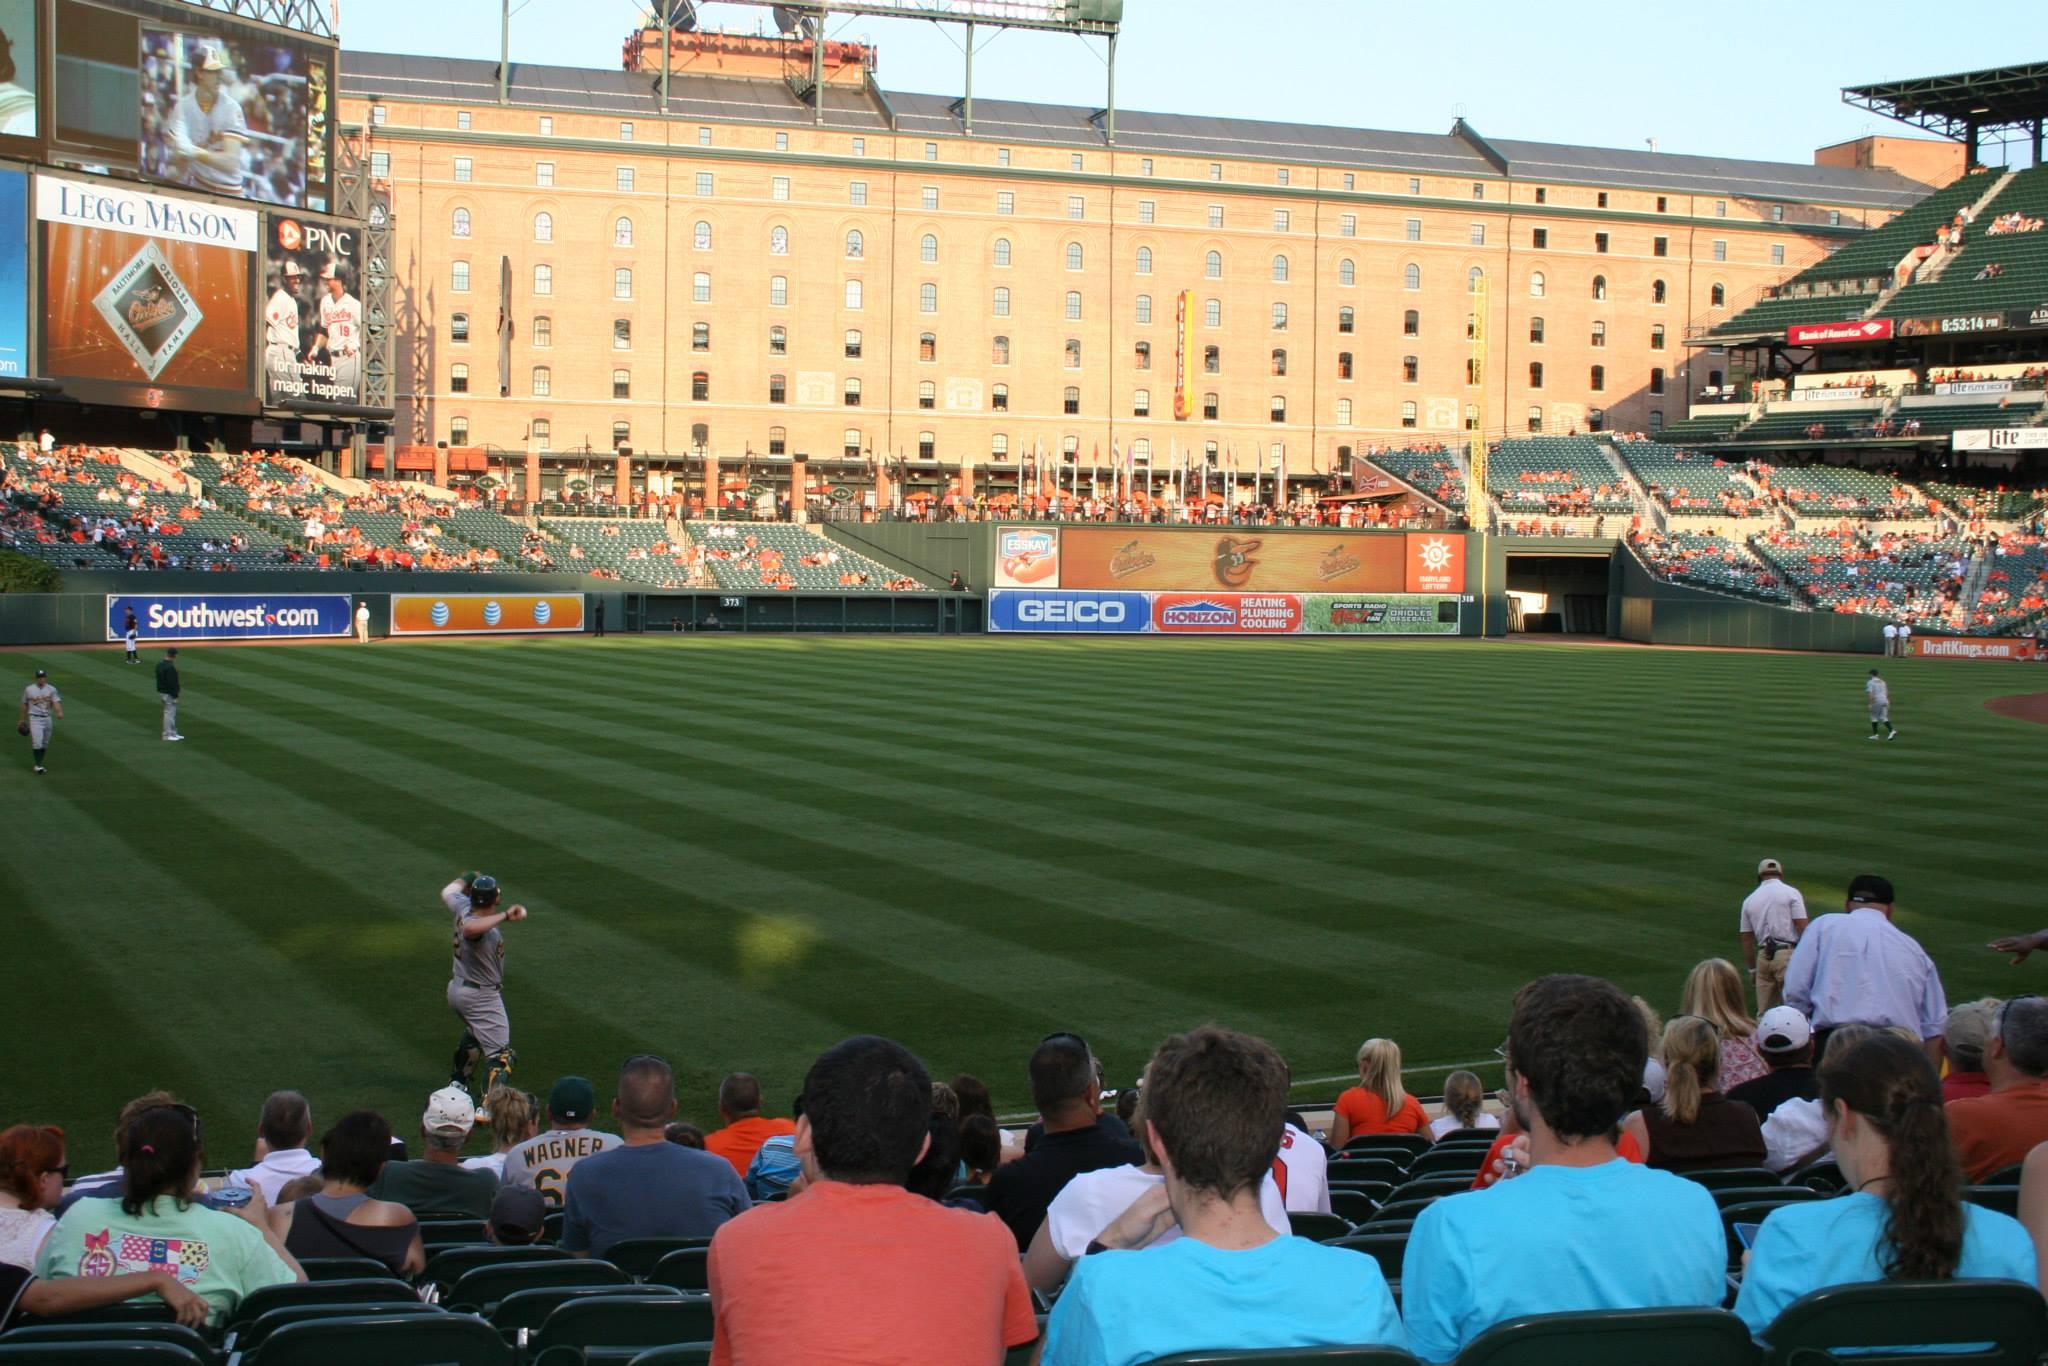 Baseball game at baseball field